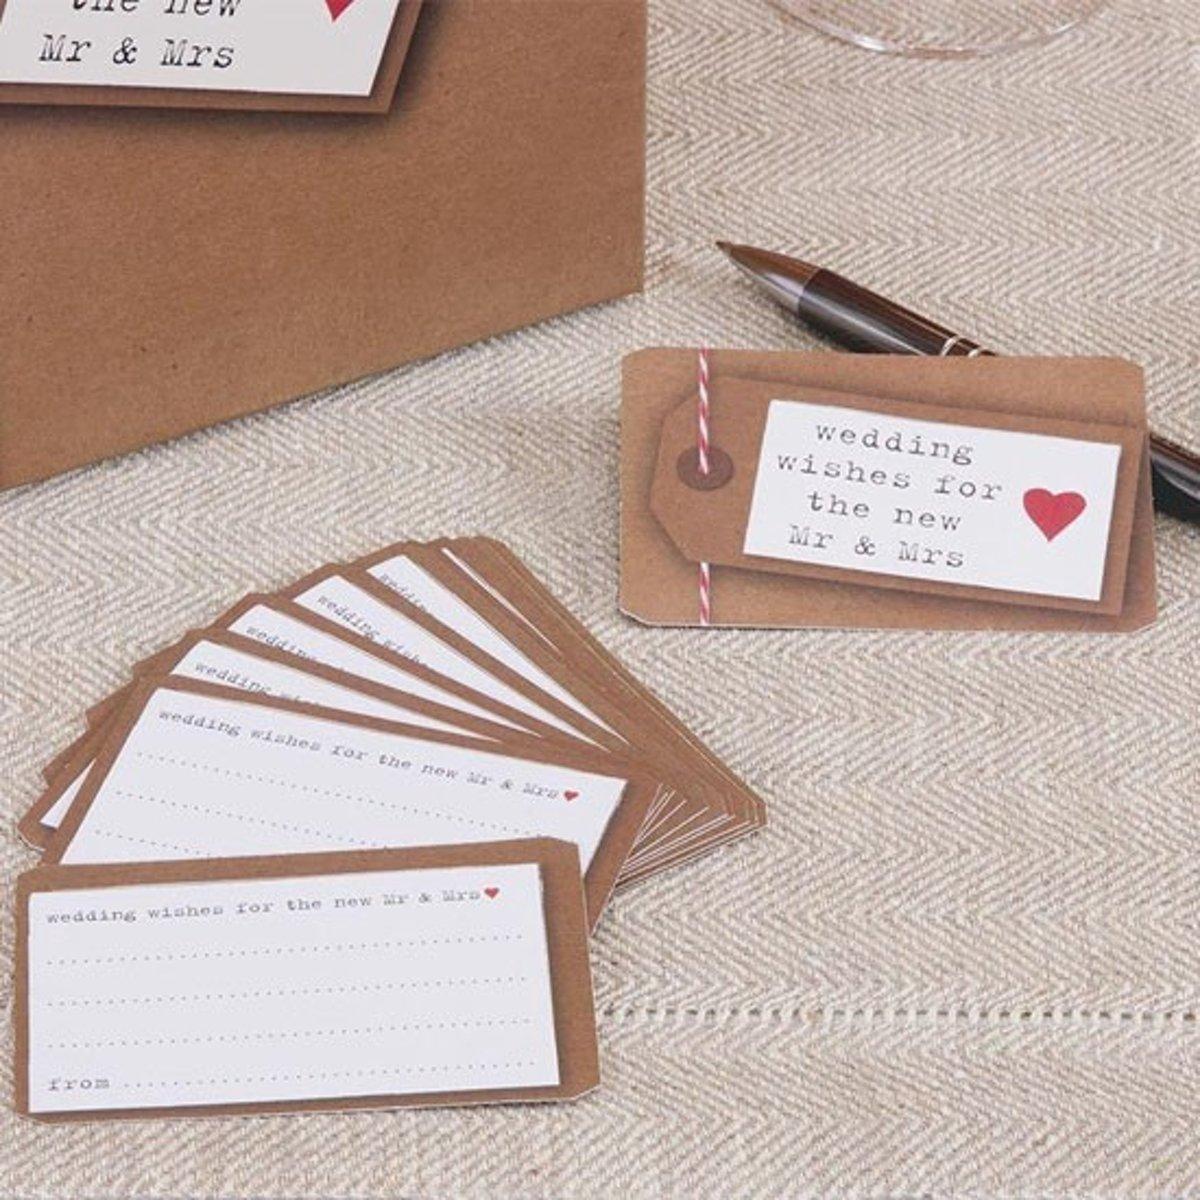 Just My Type - Wedding Wishes Cards - 25 stuks kopen